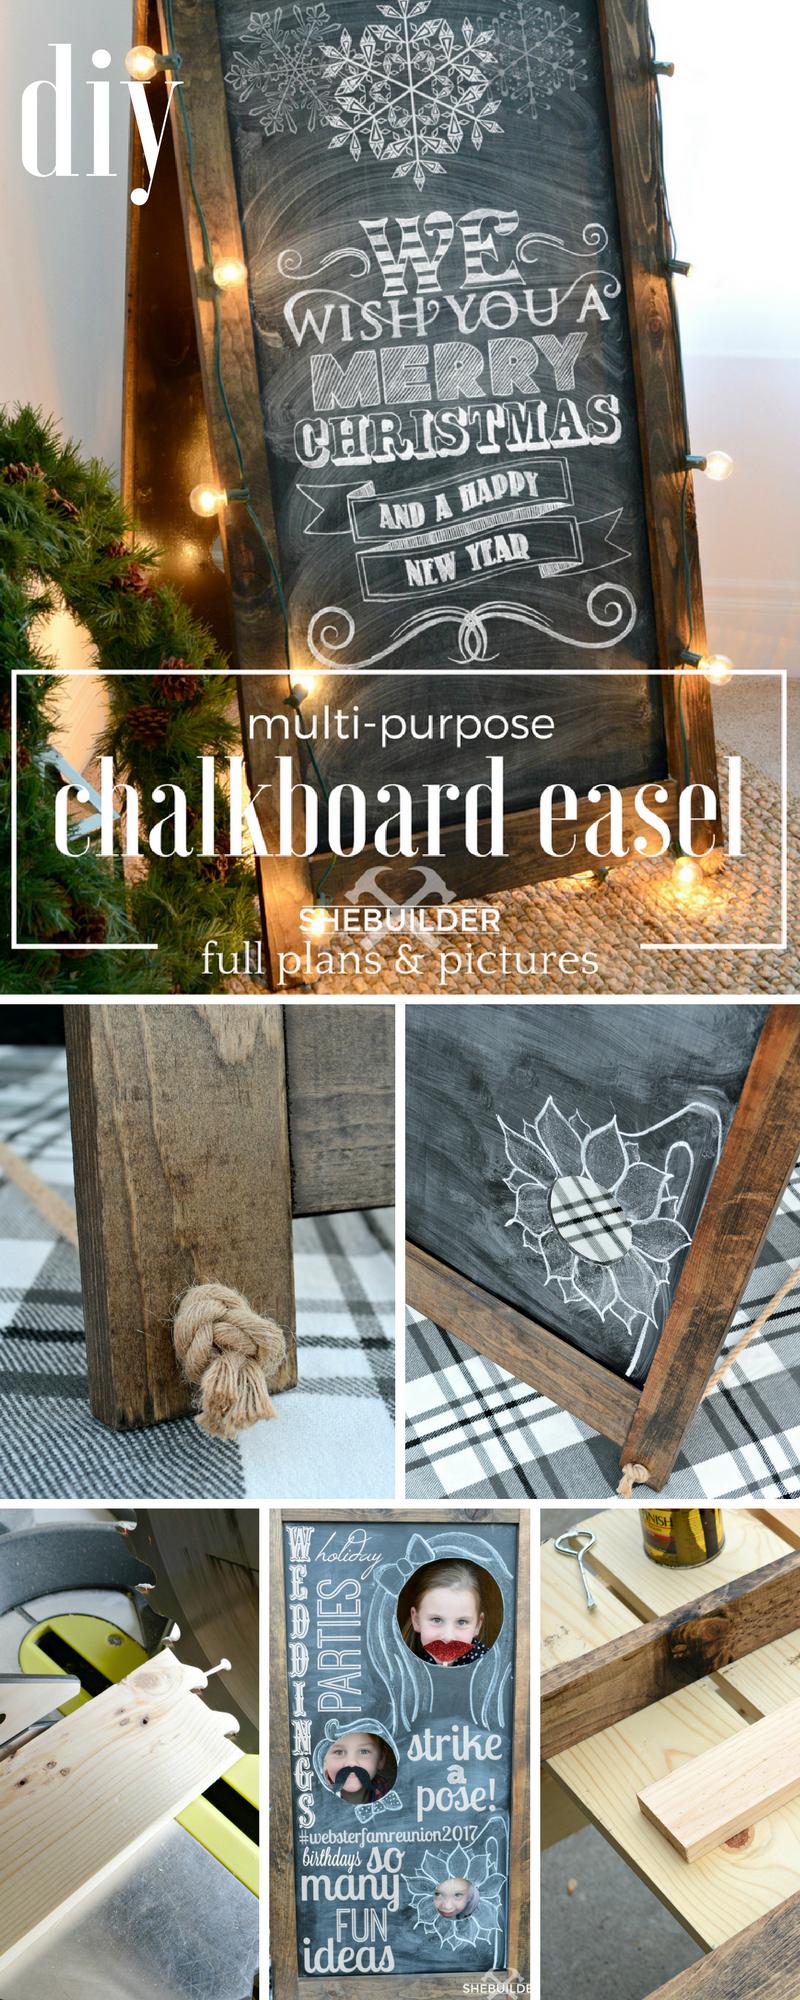 DIY Multi Purpose Chalkboard Easel | Chalkboard easel ... on Easel Decorating Ideas  id=75206